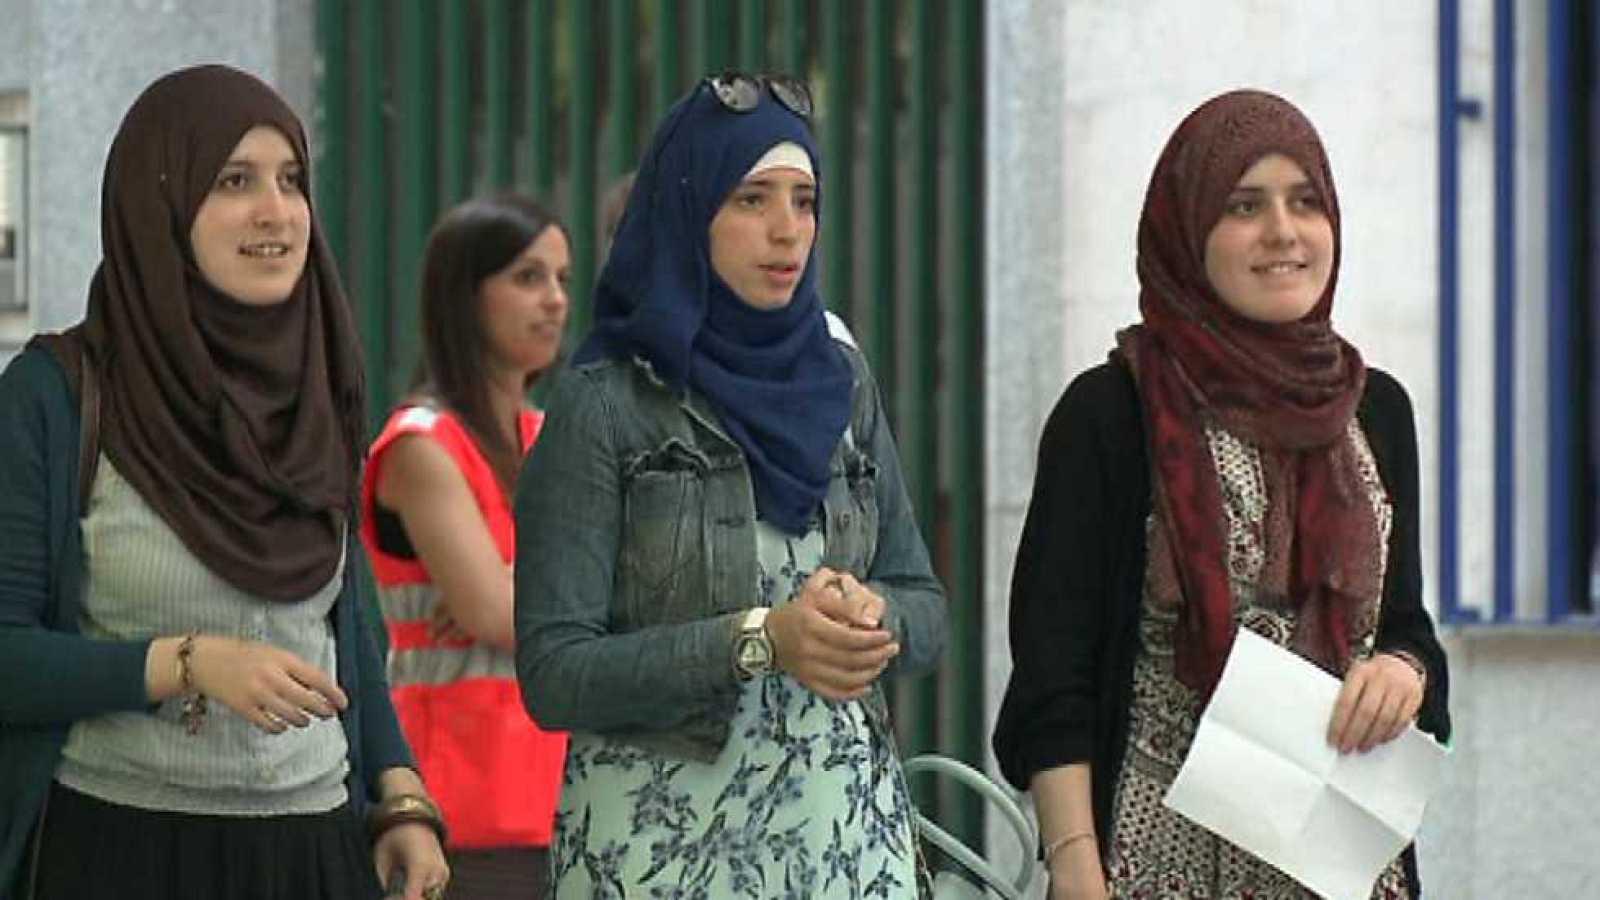 musulmanes y las mujeres